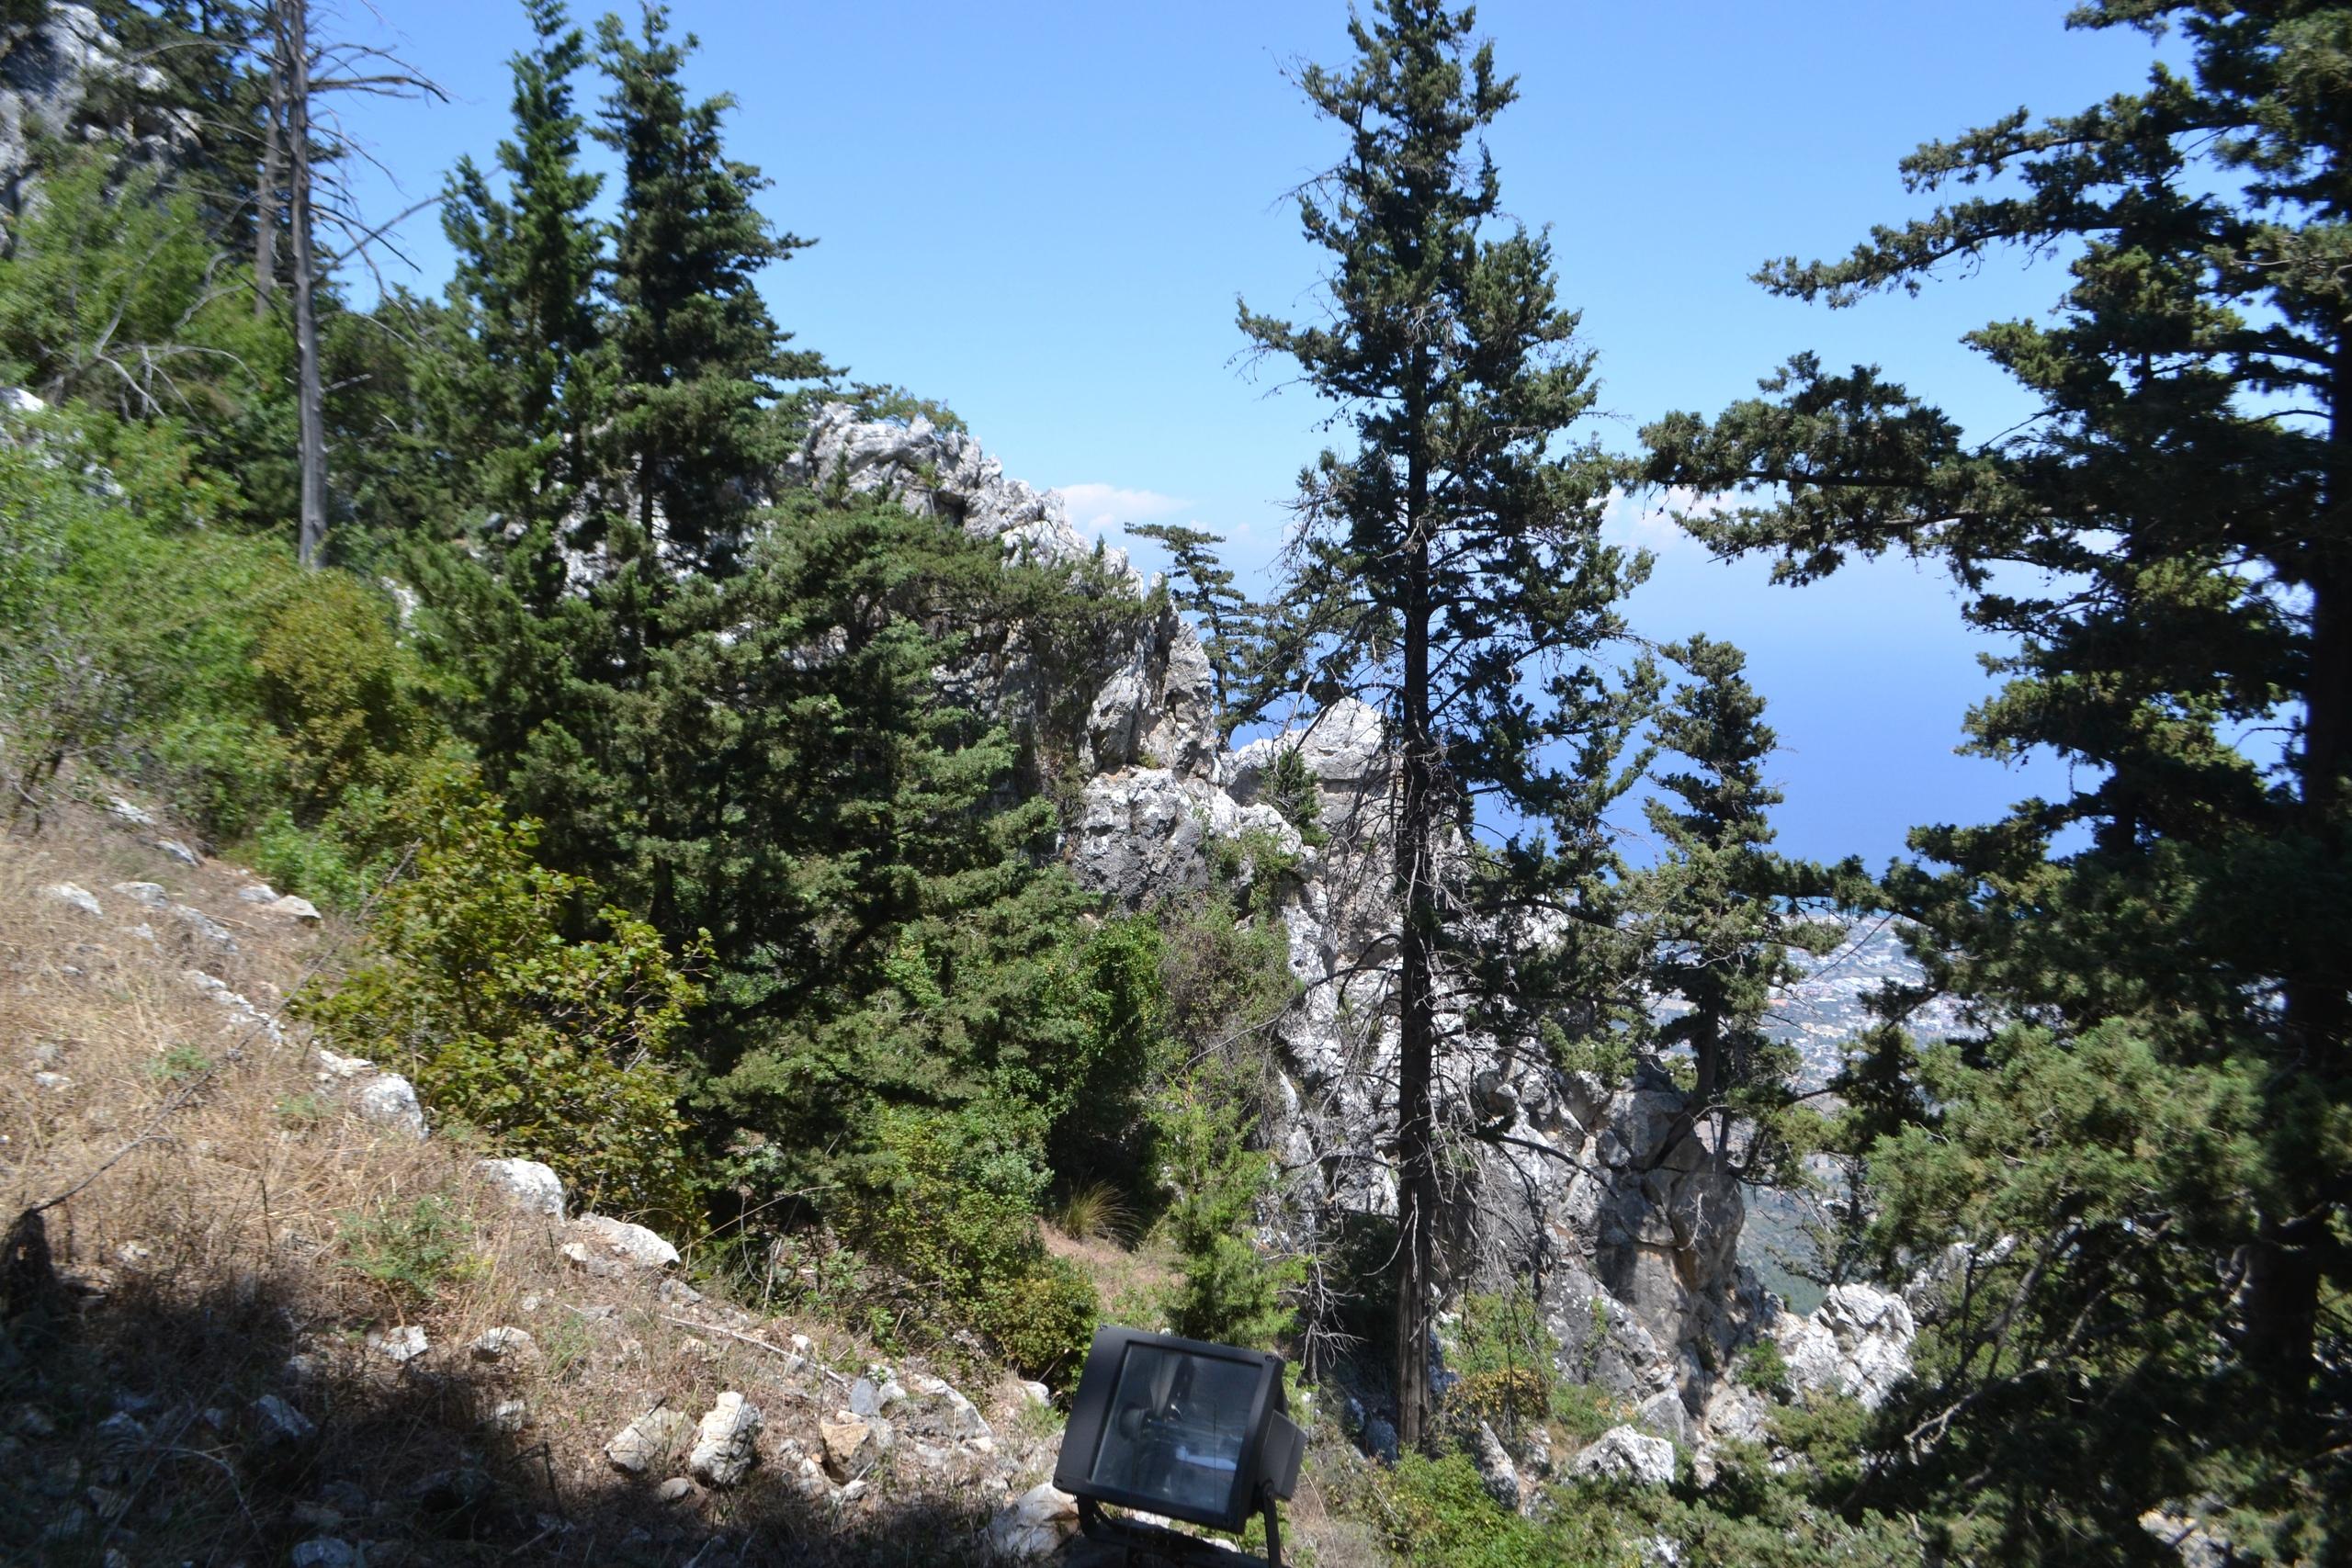 Северный Кипр. Замок Святого Иллариона. (фото). - Страница 2 FUdwNh1ySw8